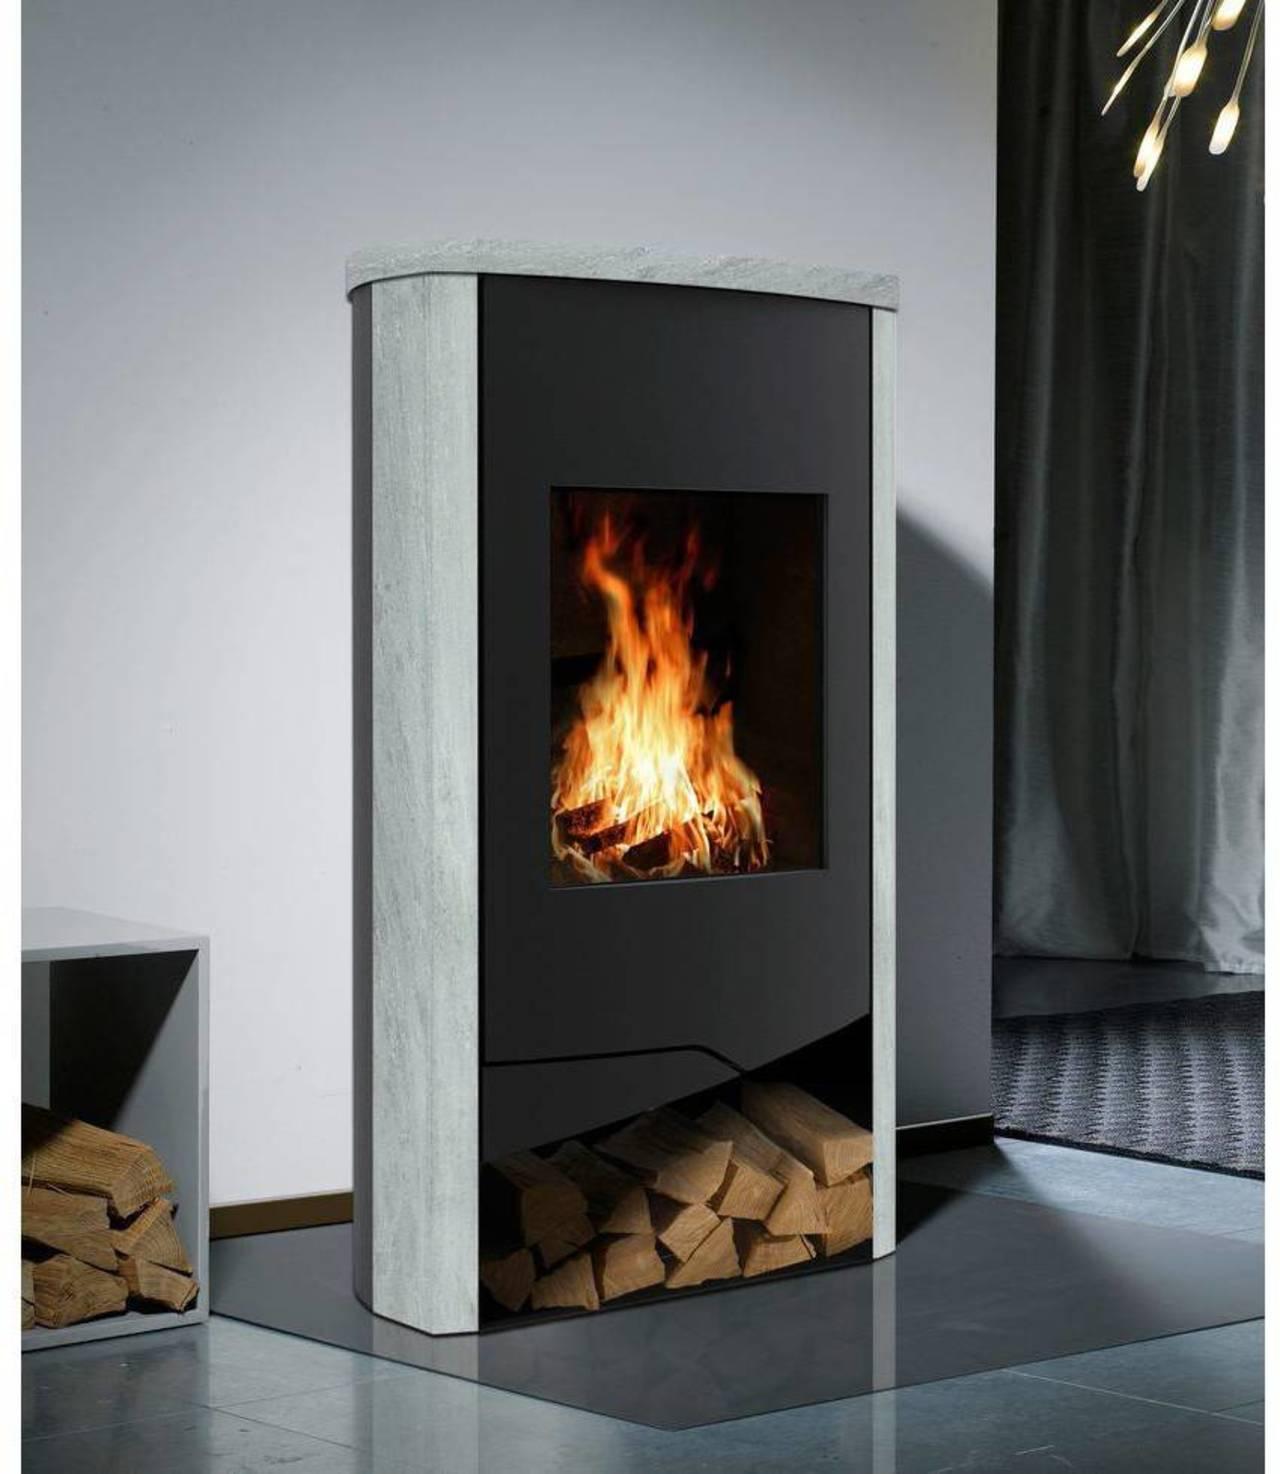 wamsler kaminofen nevada naturstein 5 kw schamotte ext luftzufuhr ebay. Black Bedroom Furniture Sets. Home Design Ideas